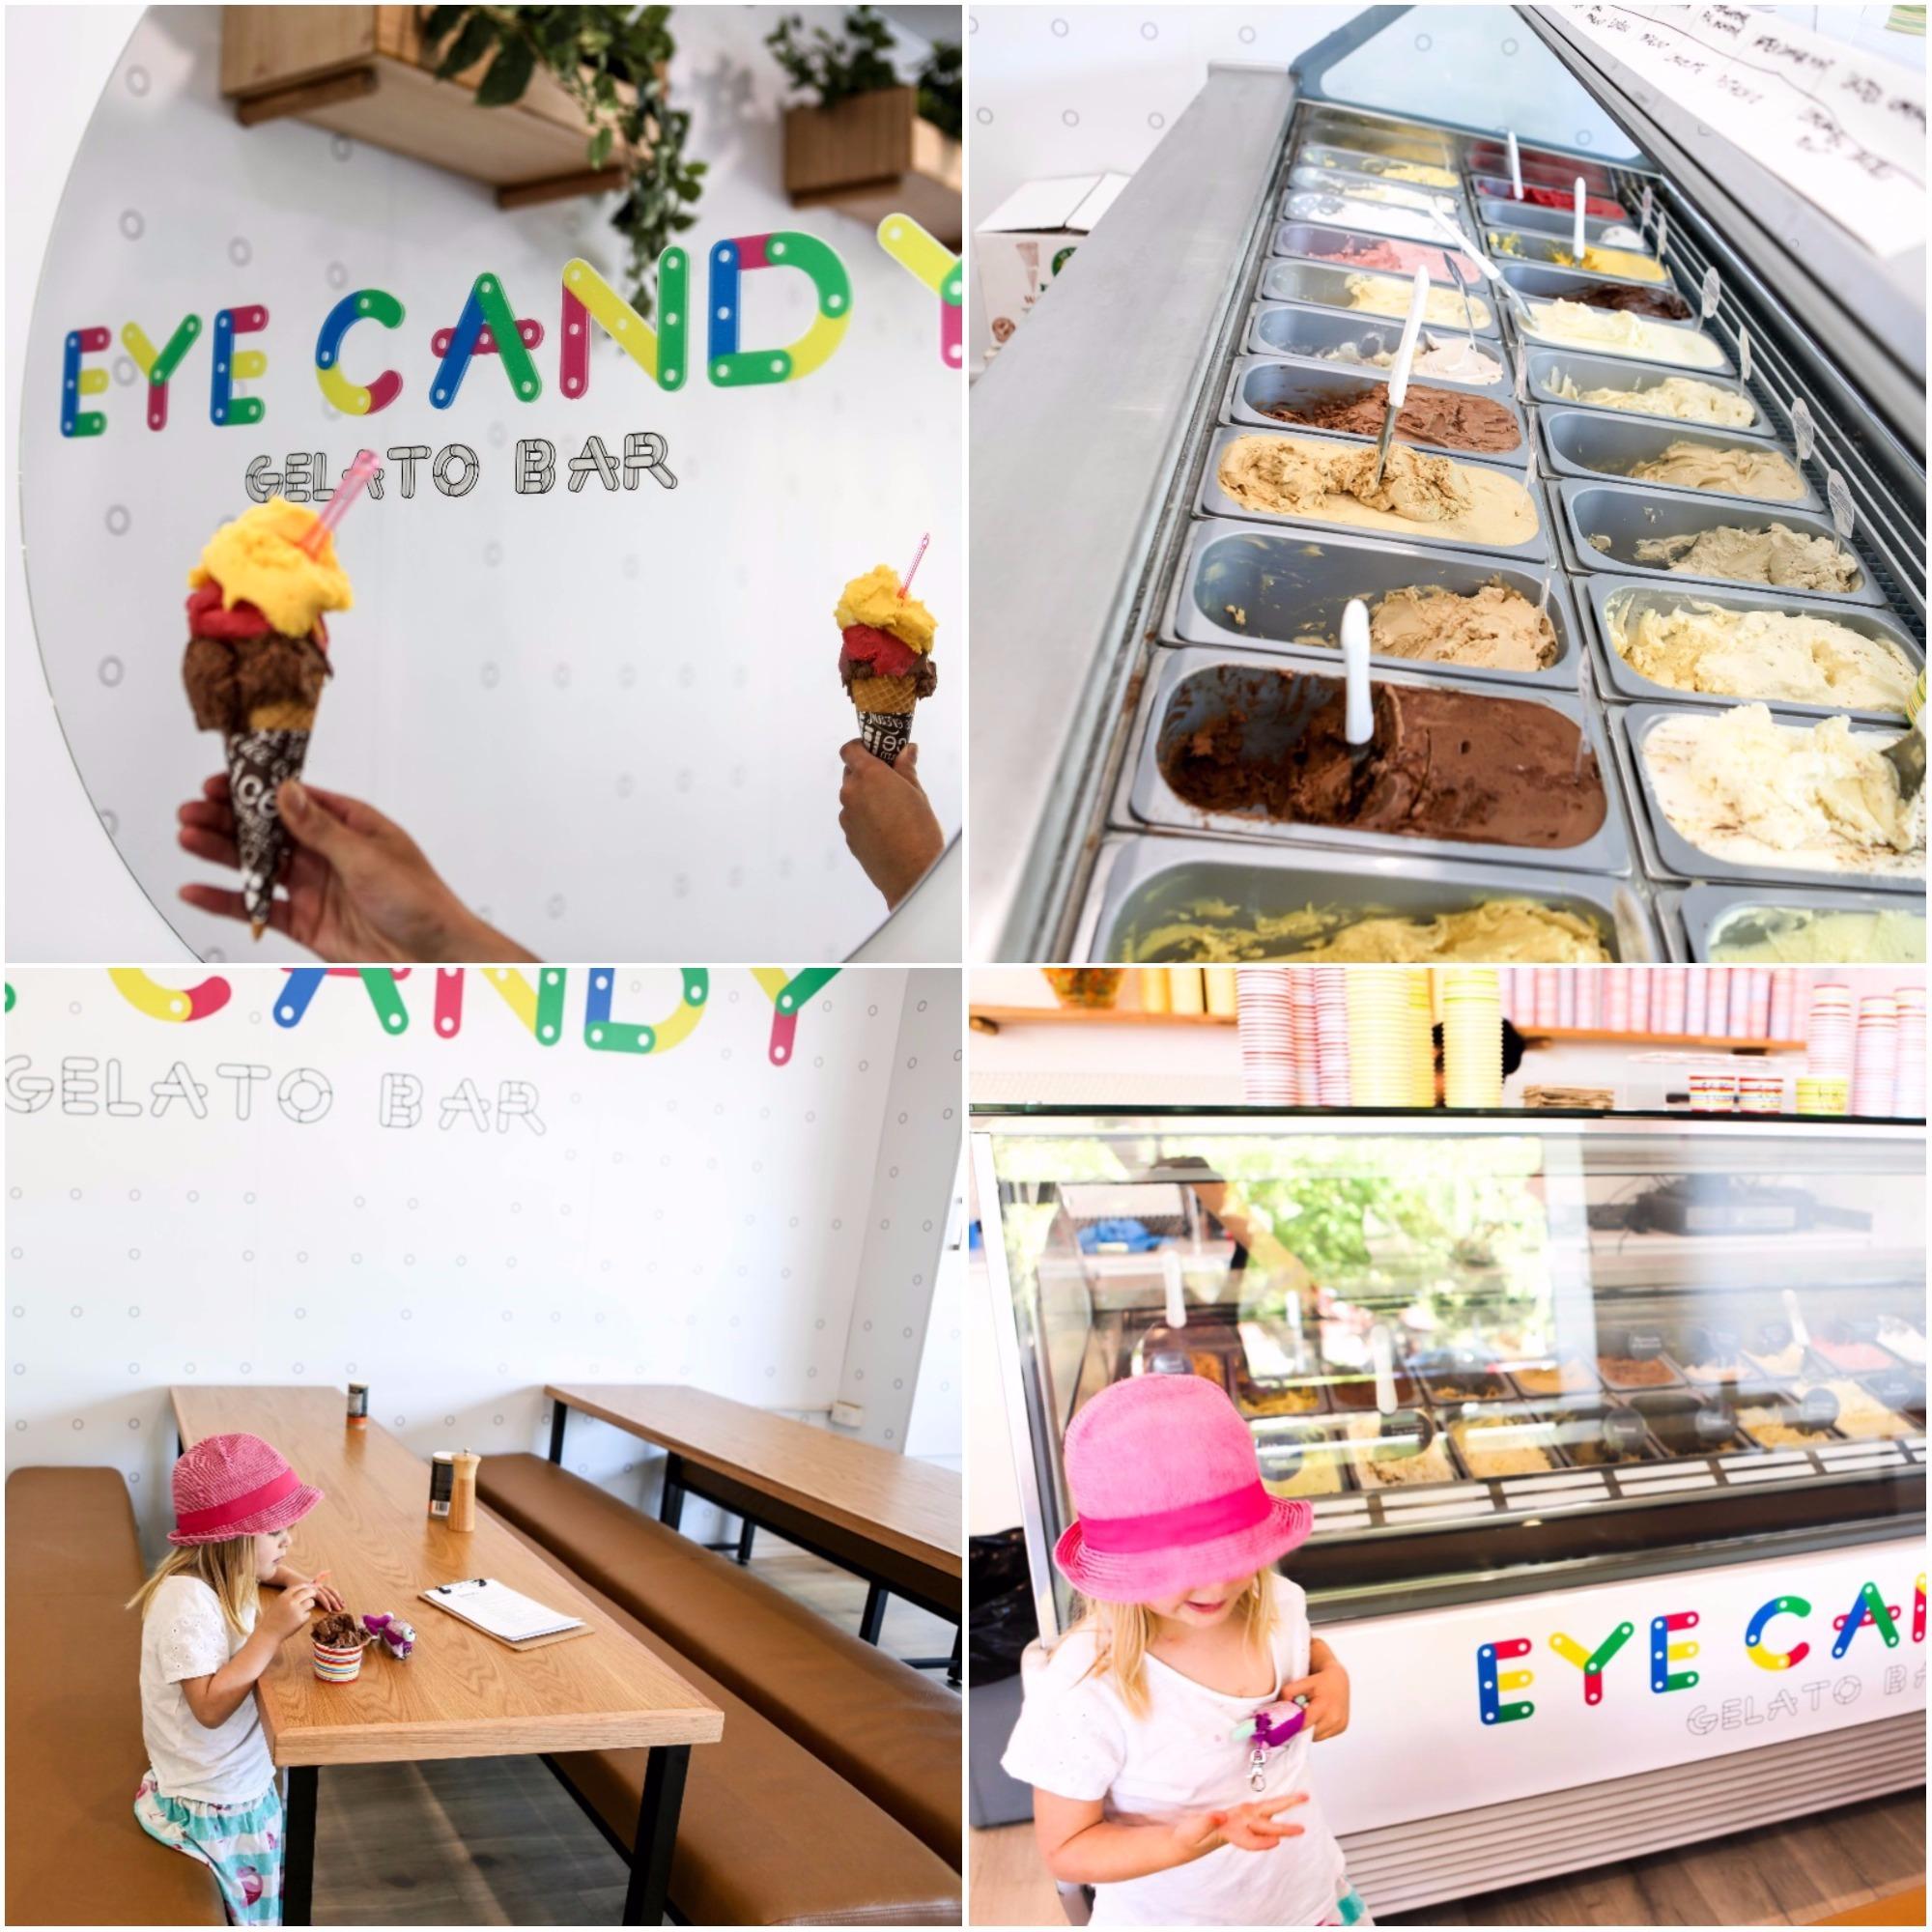 eye candy gelato - mamma knows west